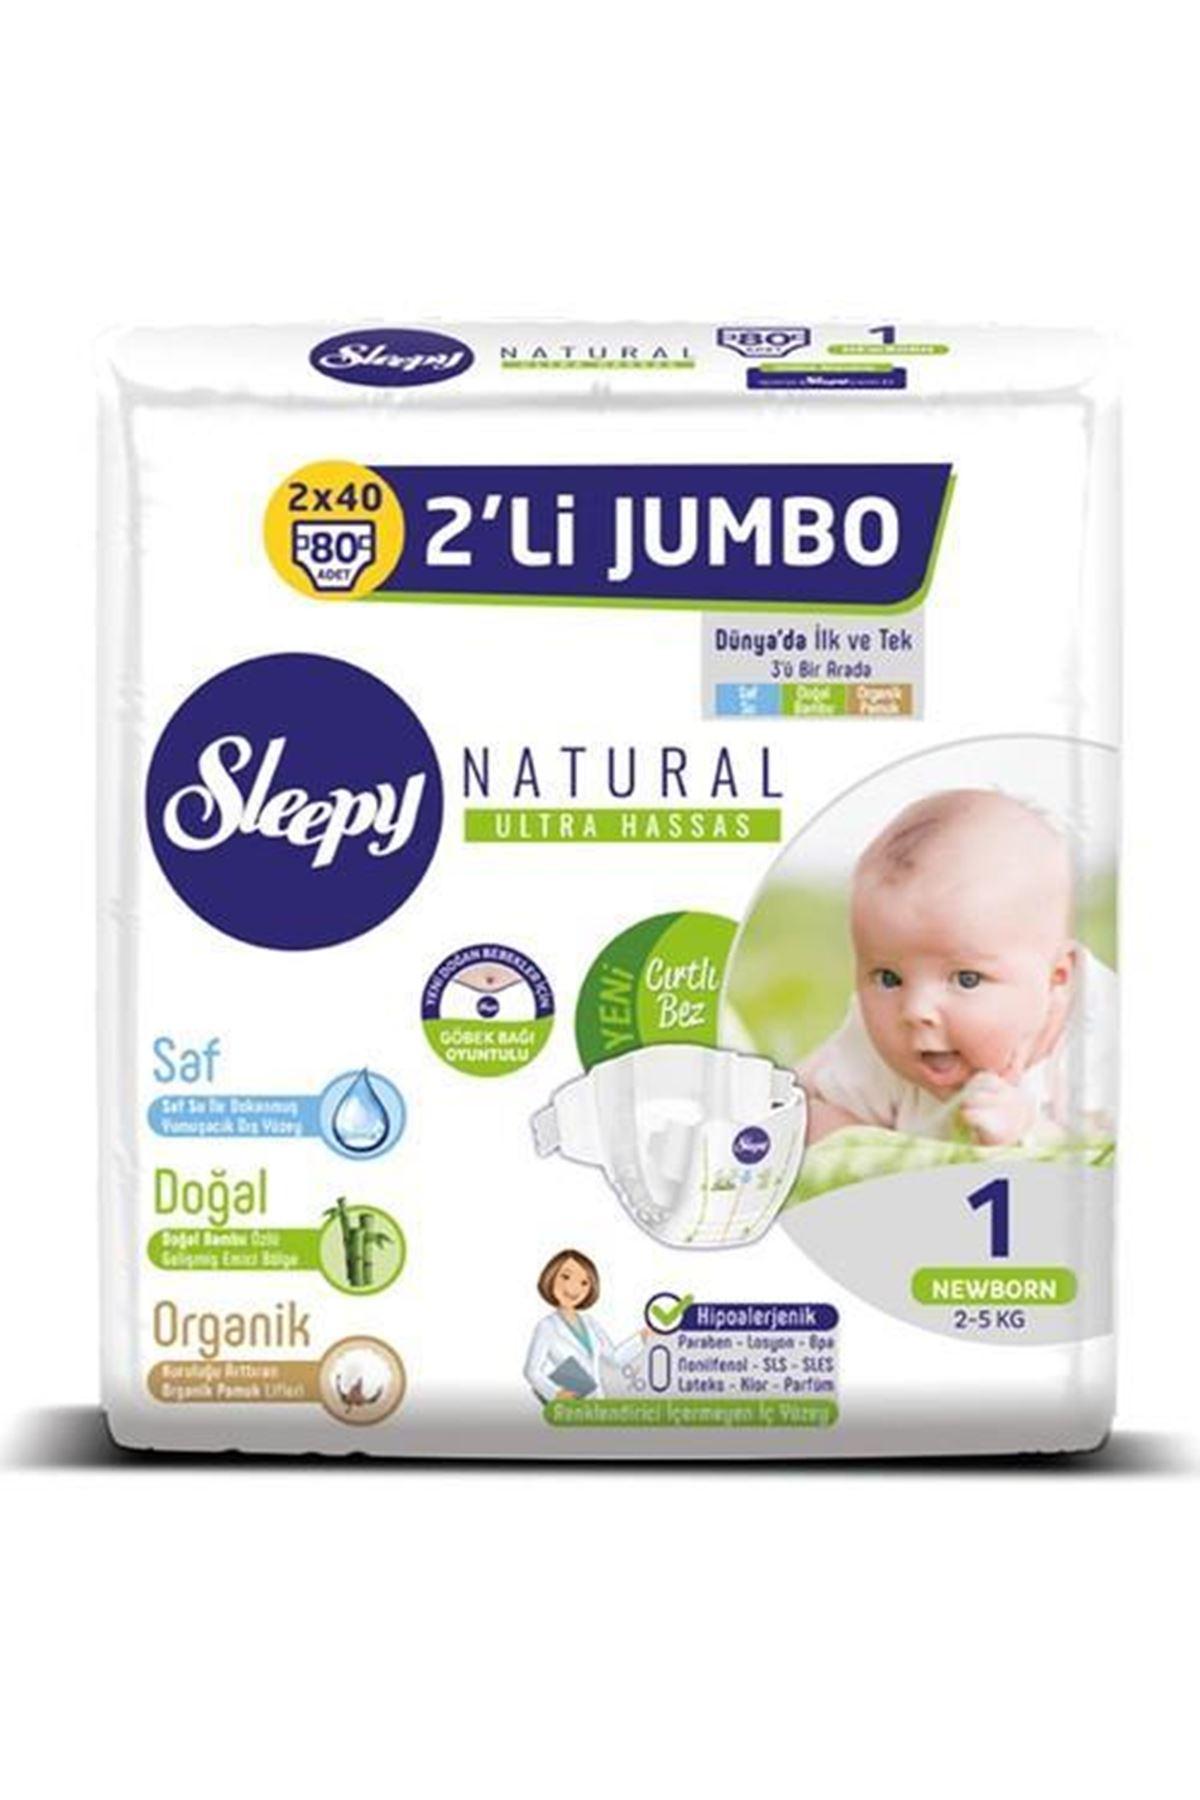 Sleepy Natural Bebek Bezi 2li Jumbo 1 Beden 2-5 Kg 80 Adet